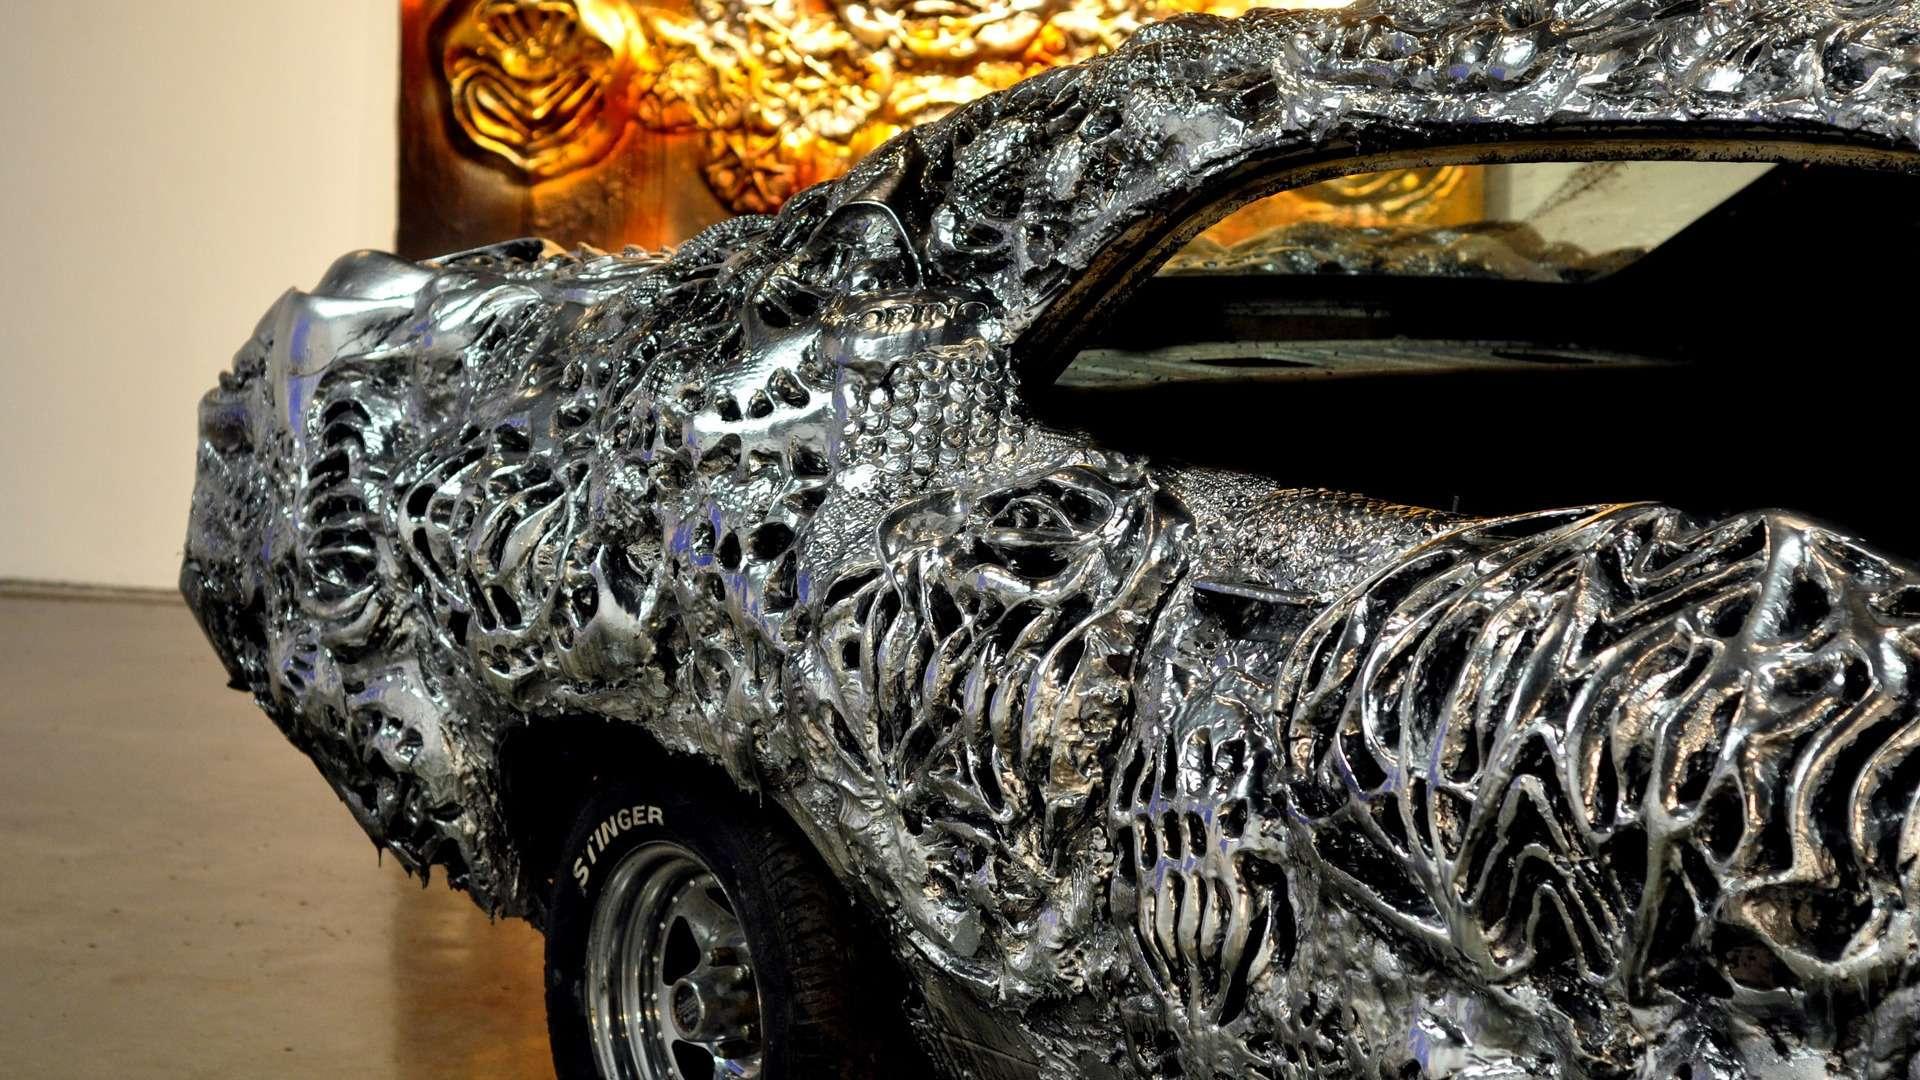 Автомобиль-ужас из3D-принтера: распечатал ипродал— фото 695696